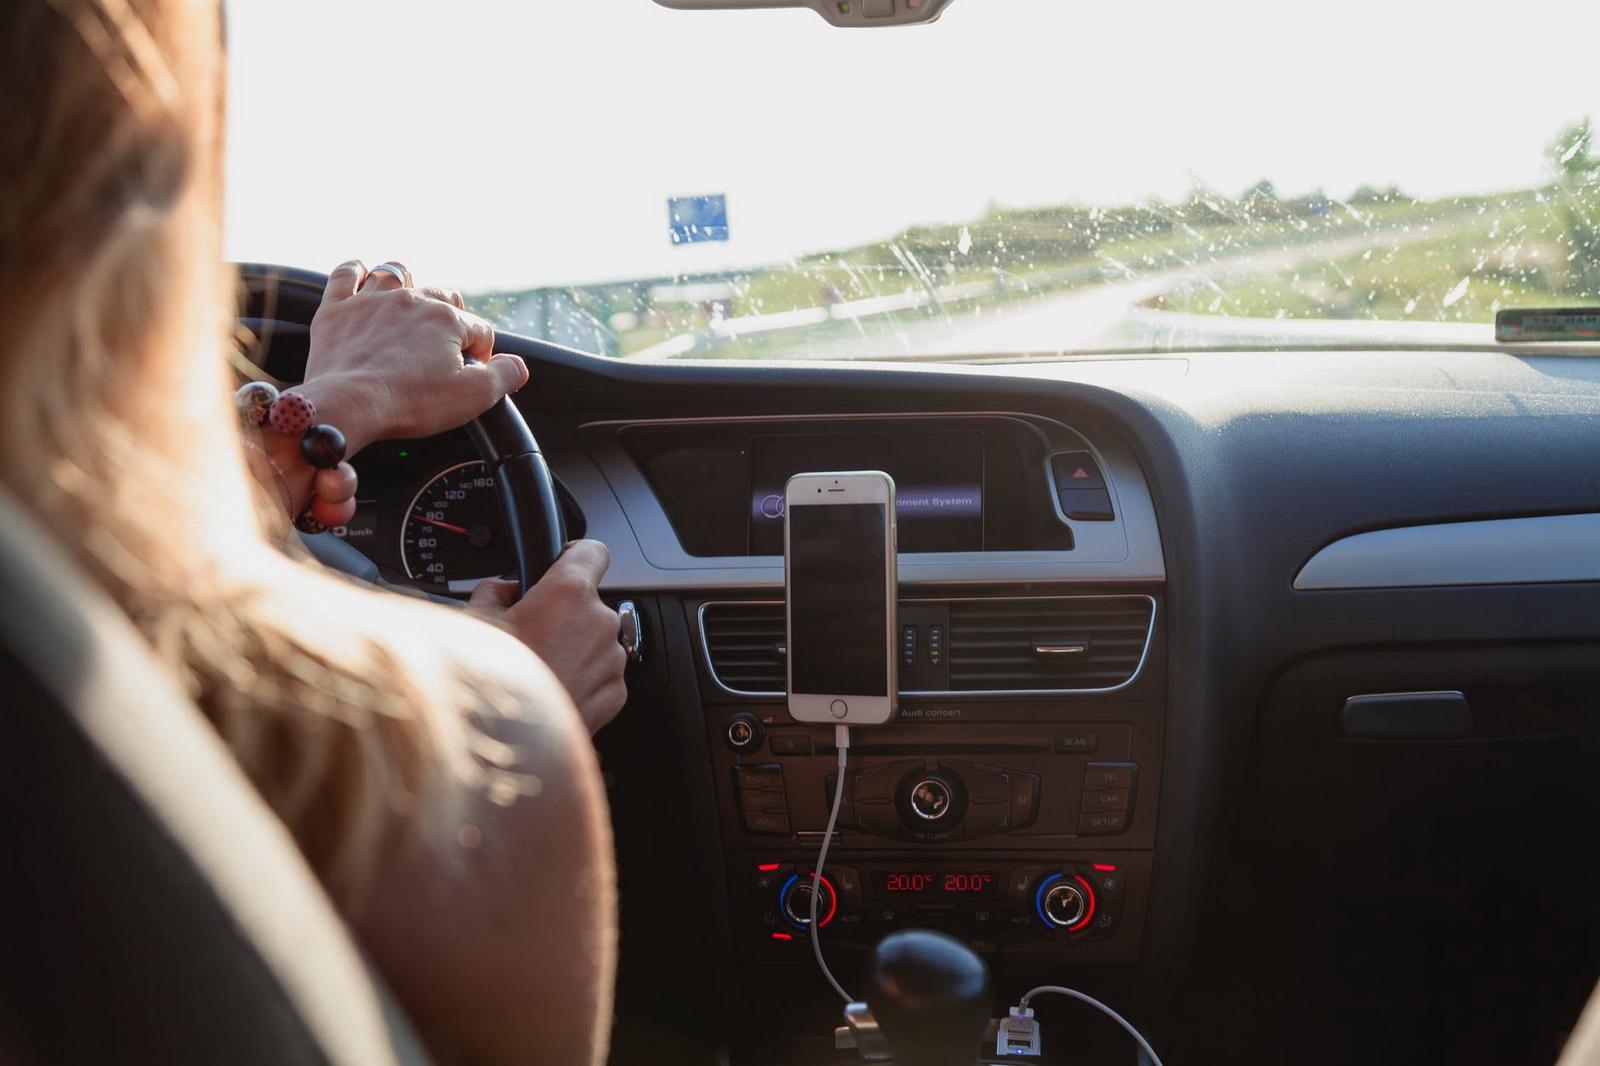 圖/搭乘違規的白牌計程車,若遇到交通事故,可能無法獲得該有的保險理賠,還是呼籲民眾選擇合法或多元車隊的計程車較安全有保障。圖片來源:Peter Fazekas